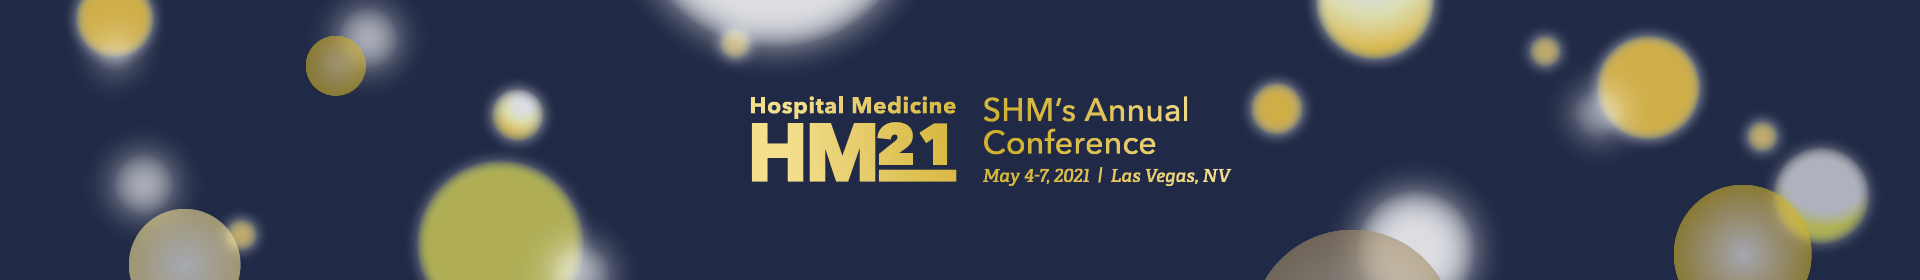 Hospital Medicine 2021 Event Banner